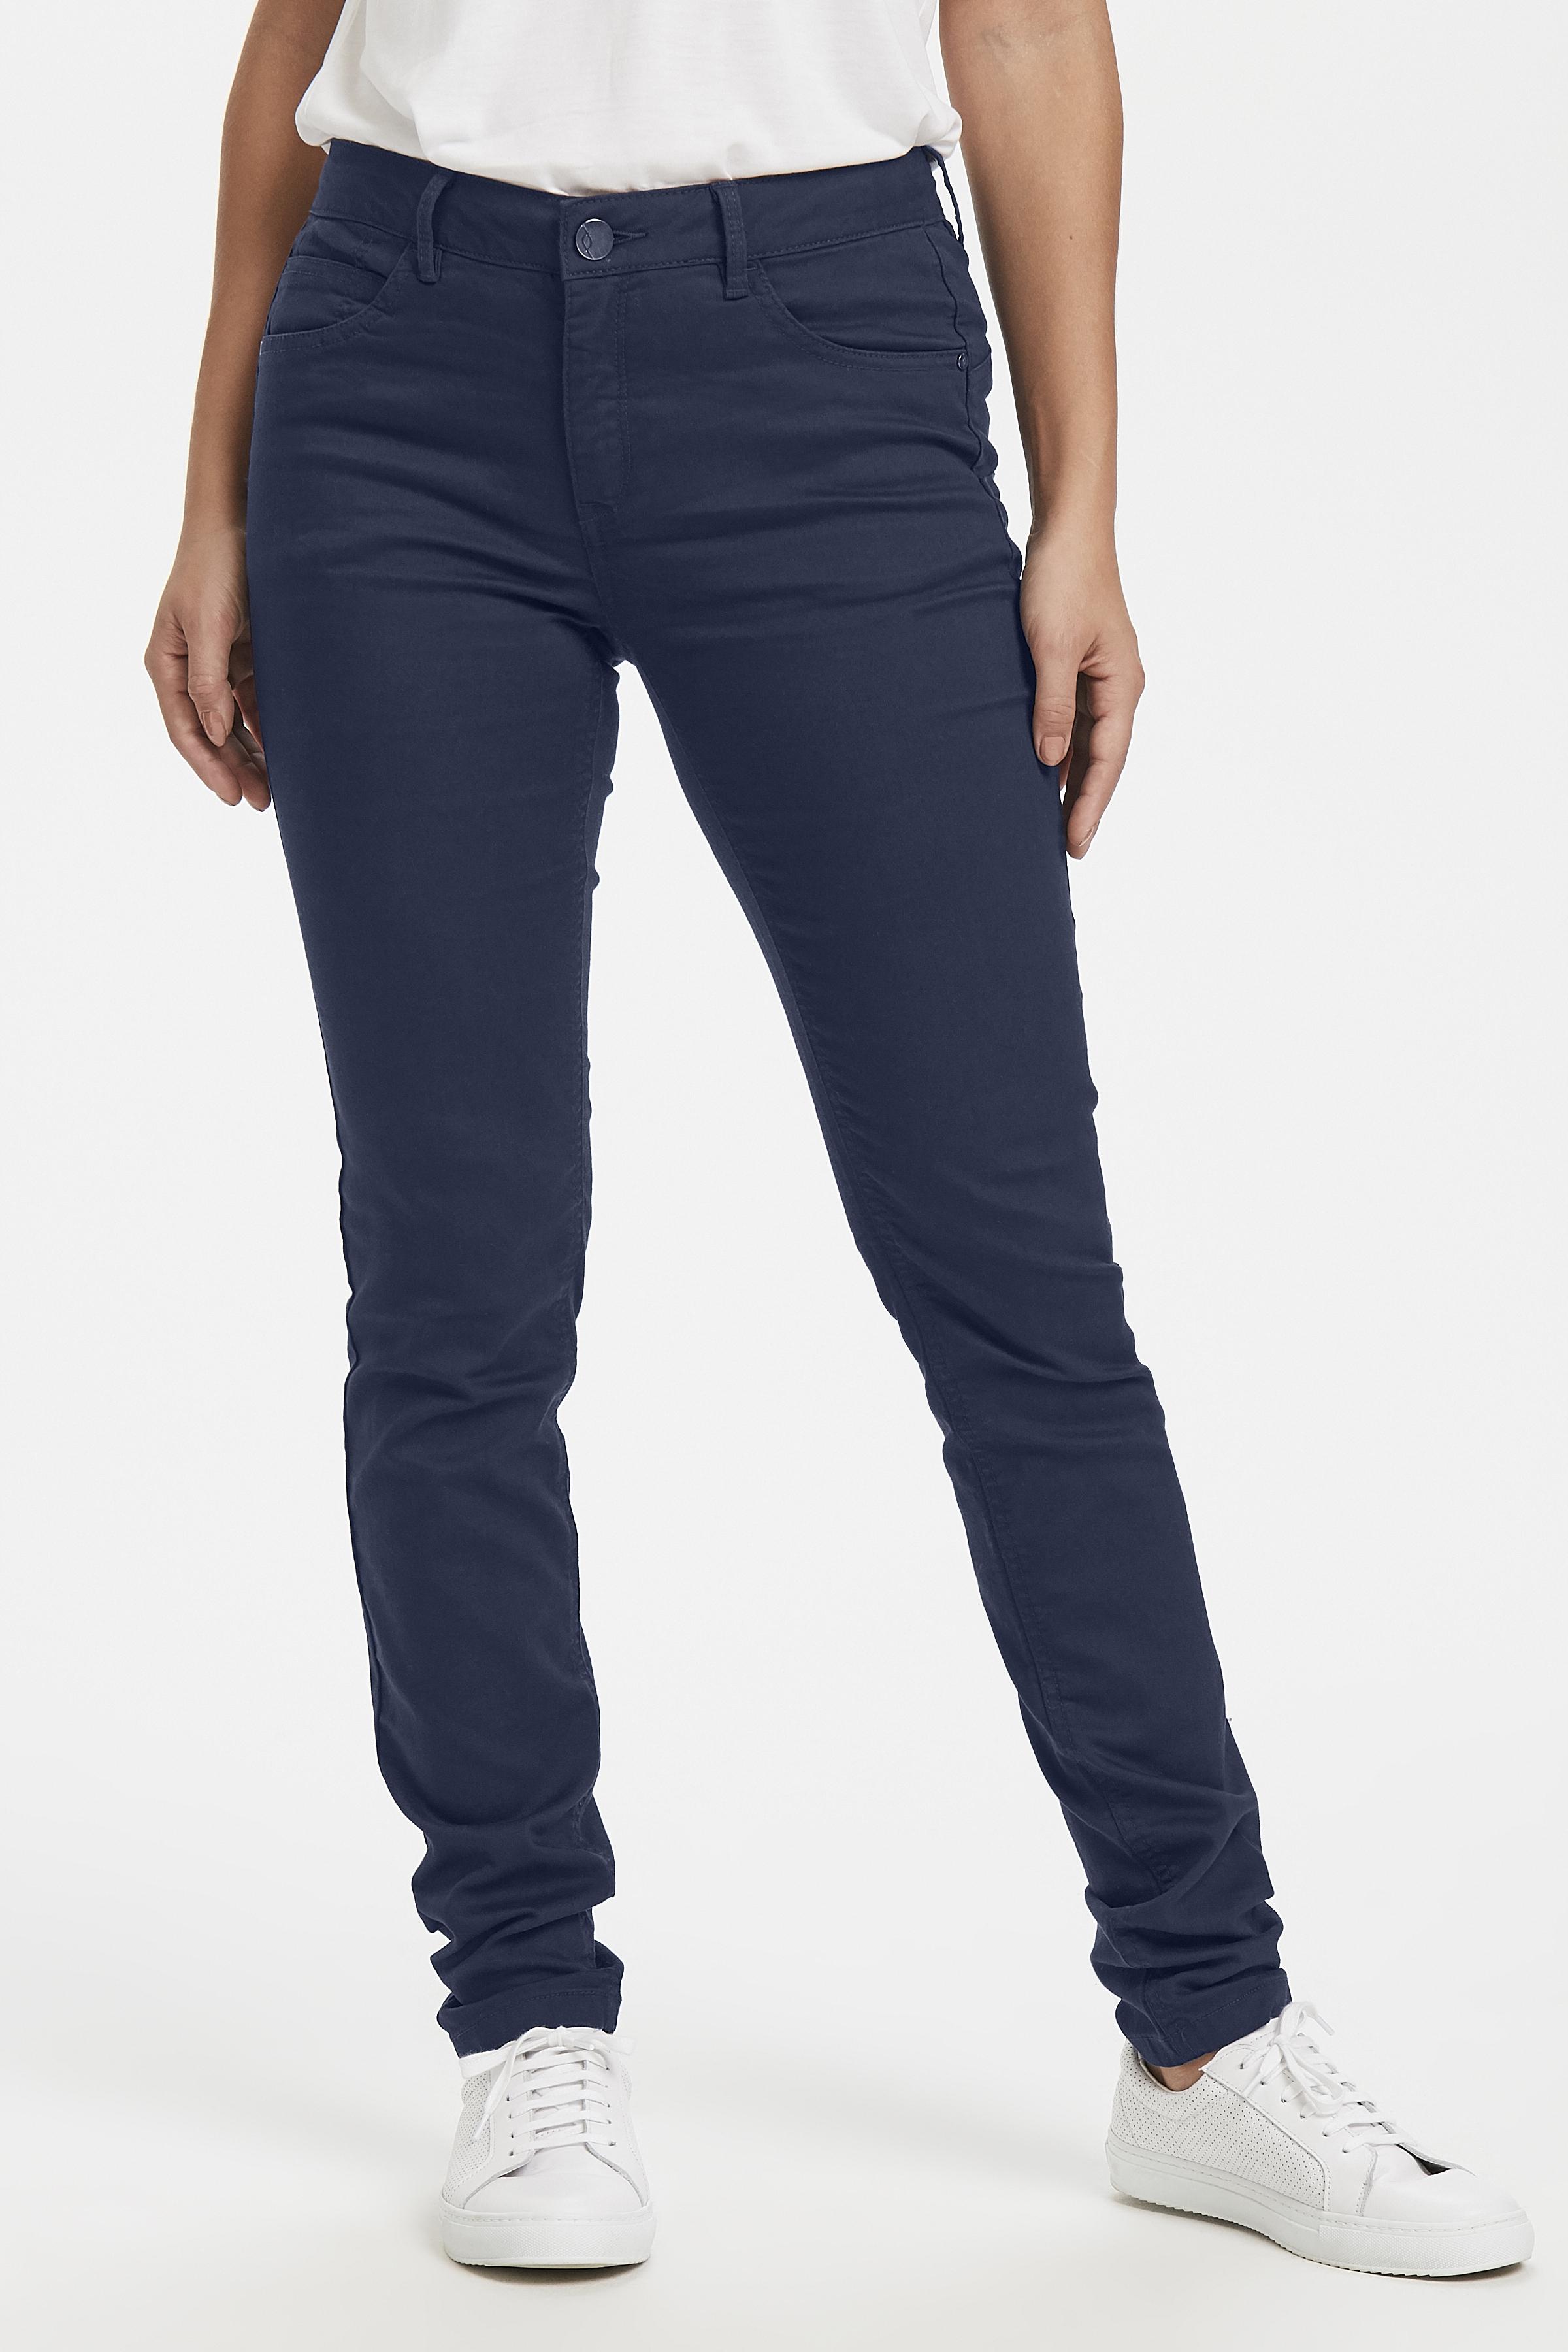 Marineblå Casual bukser fra Fransa – Køb Marineblå Casual bukser fra str. 34-46 her